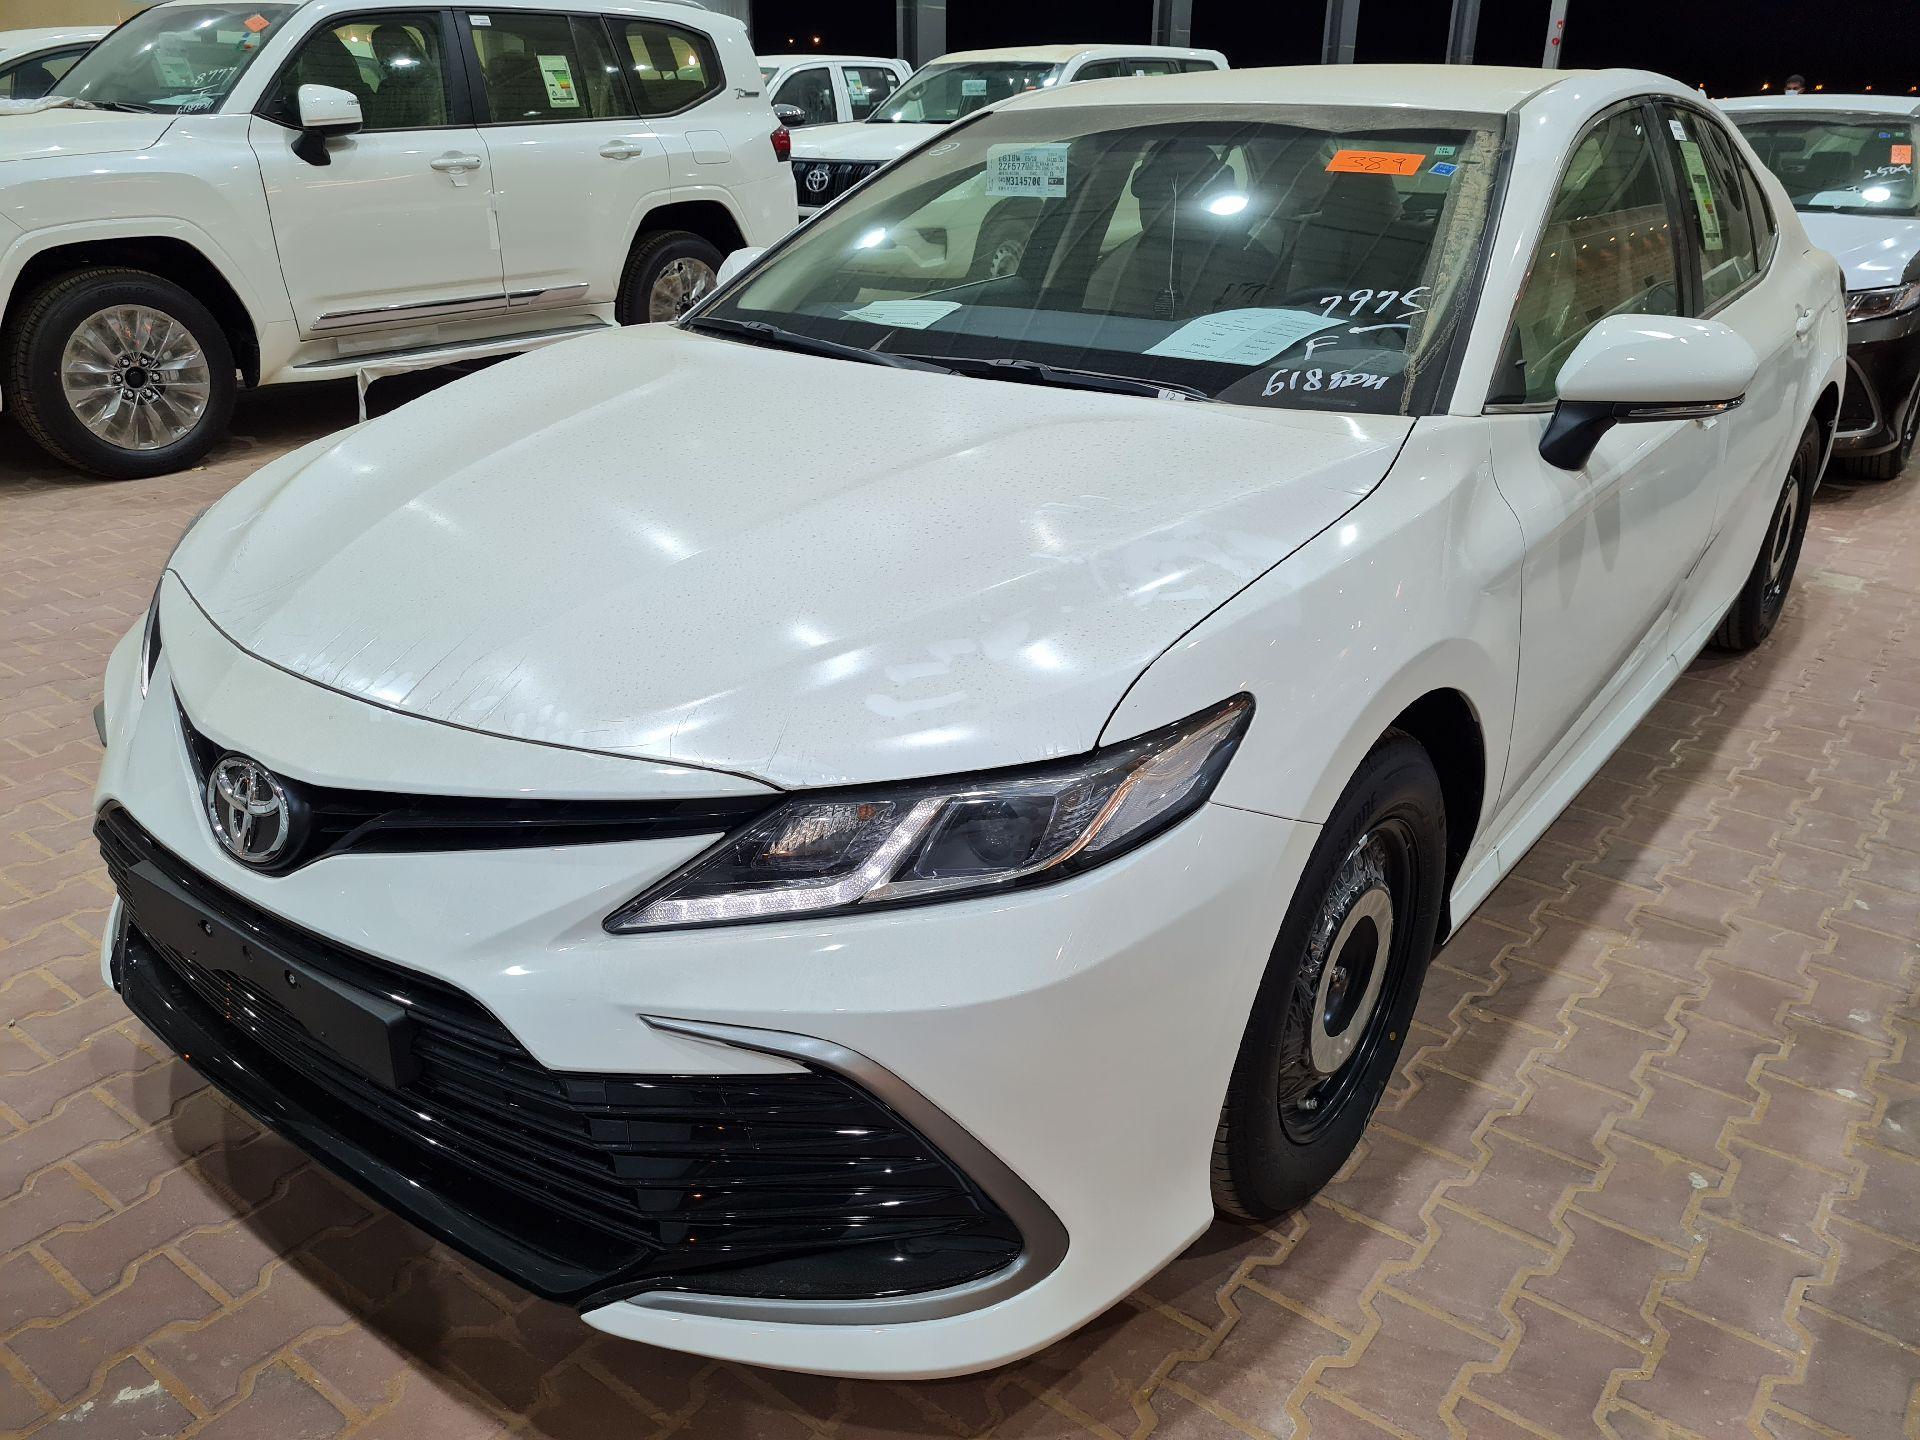 تويوتا كامري LE ستاندر 2021 سعودي جديد للبيع في الرياض - السعودية - صورة كبيرة - 1